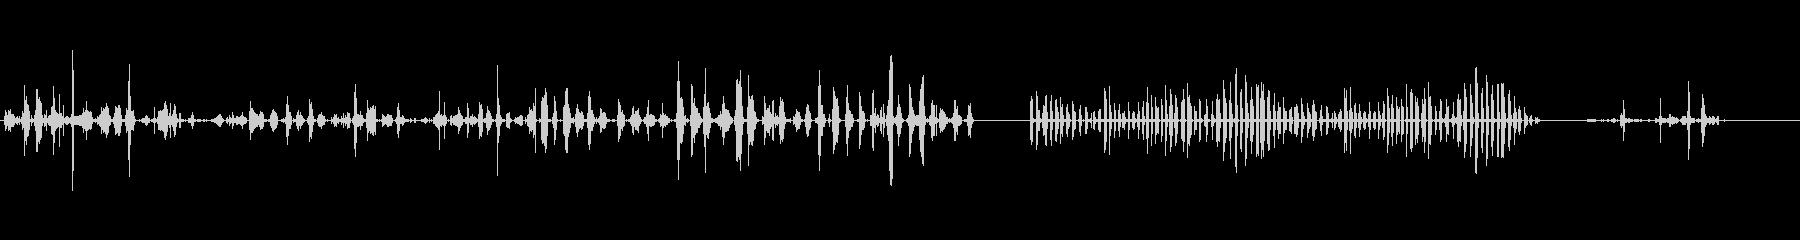 アライグマアライグマ赤ちゃん、大人...の未再生の波形